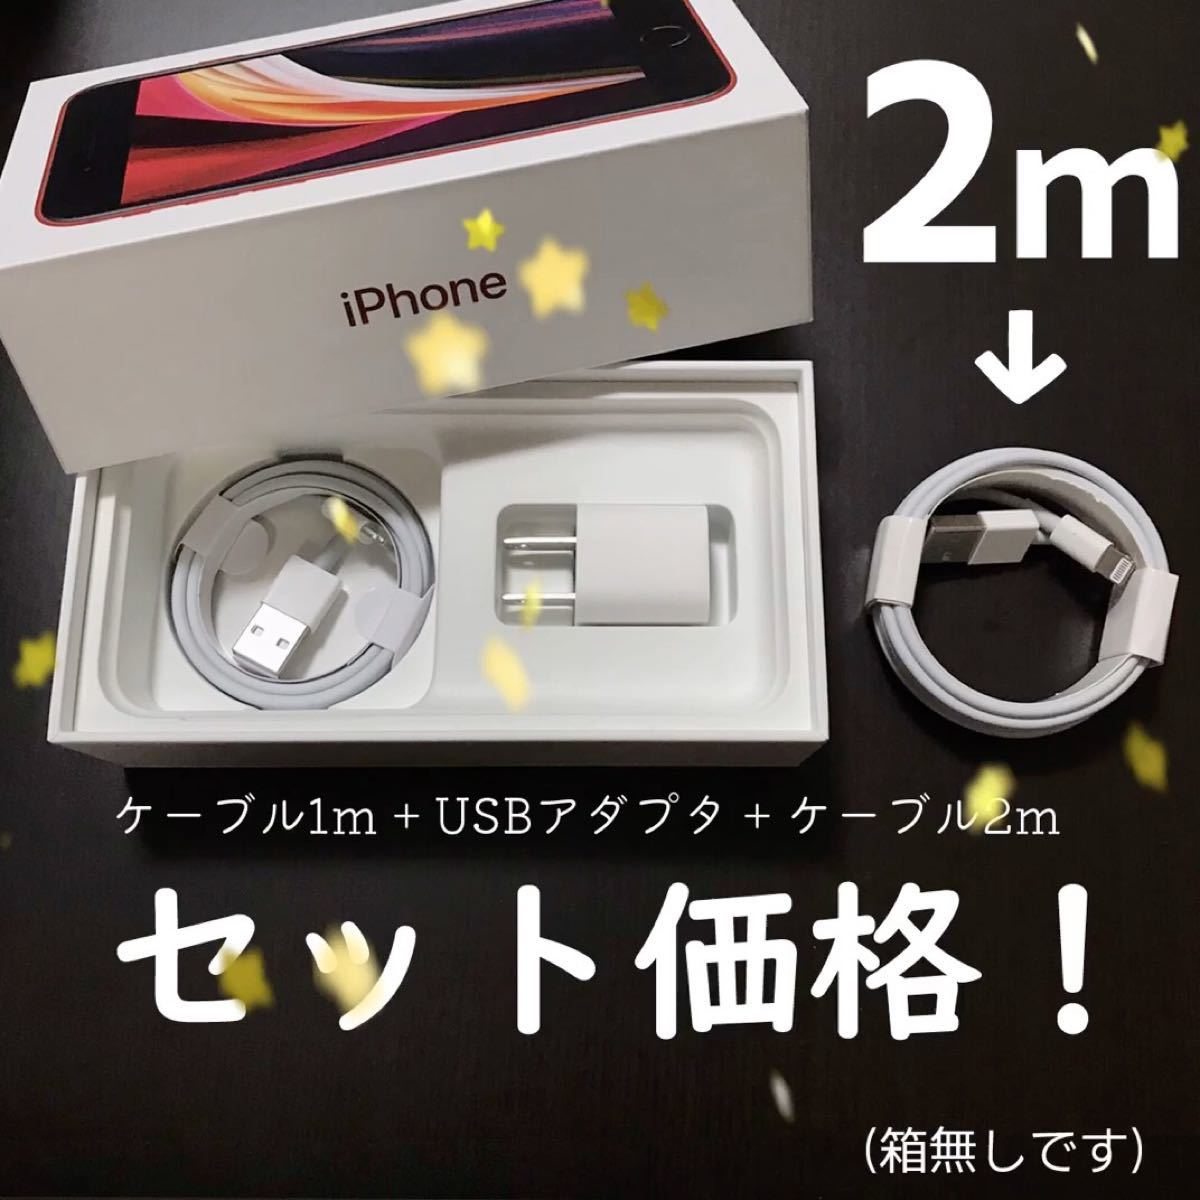 iPhone 充電器 充電ケーブル コード lightning cable 充電セット ライトニングケーブル ACアダプタ